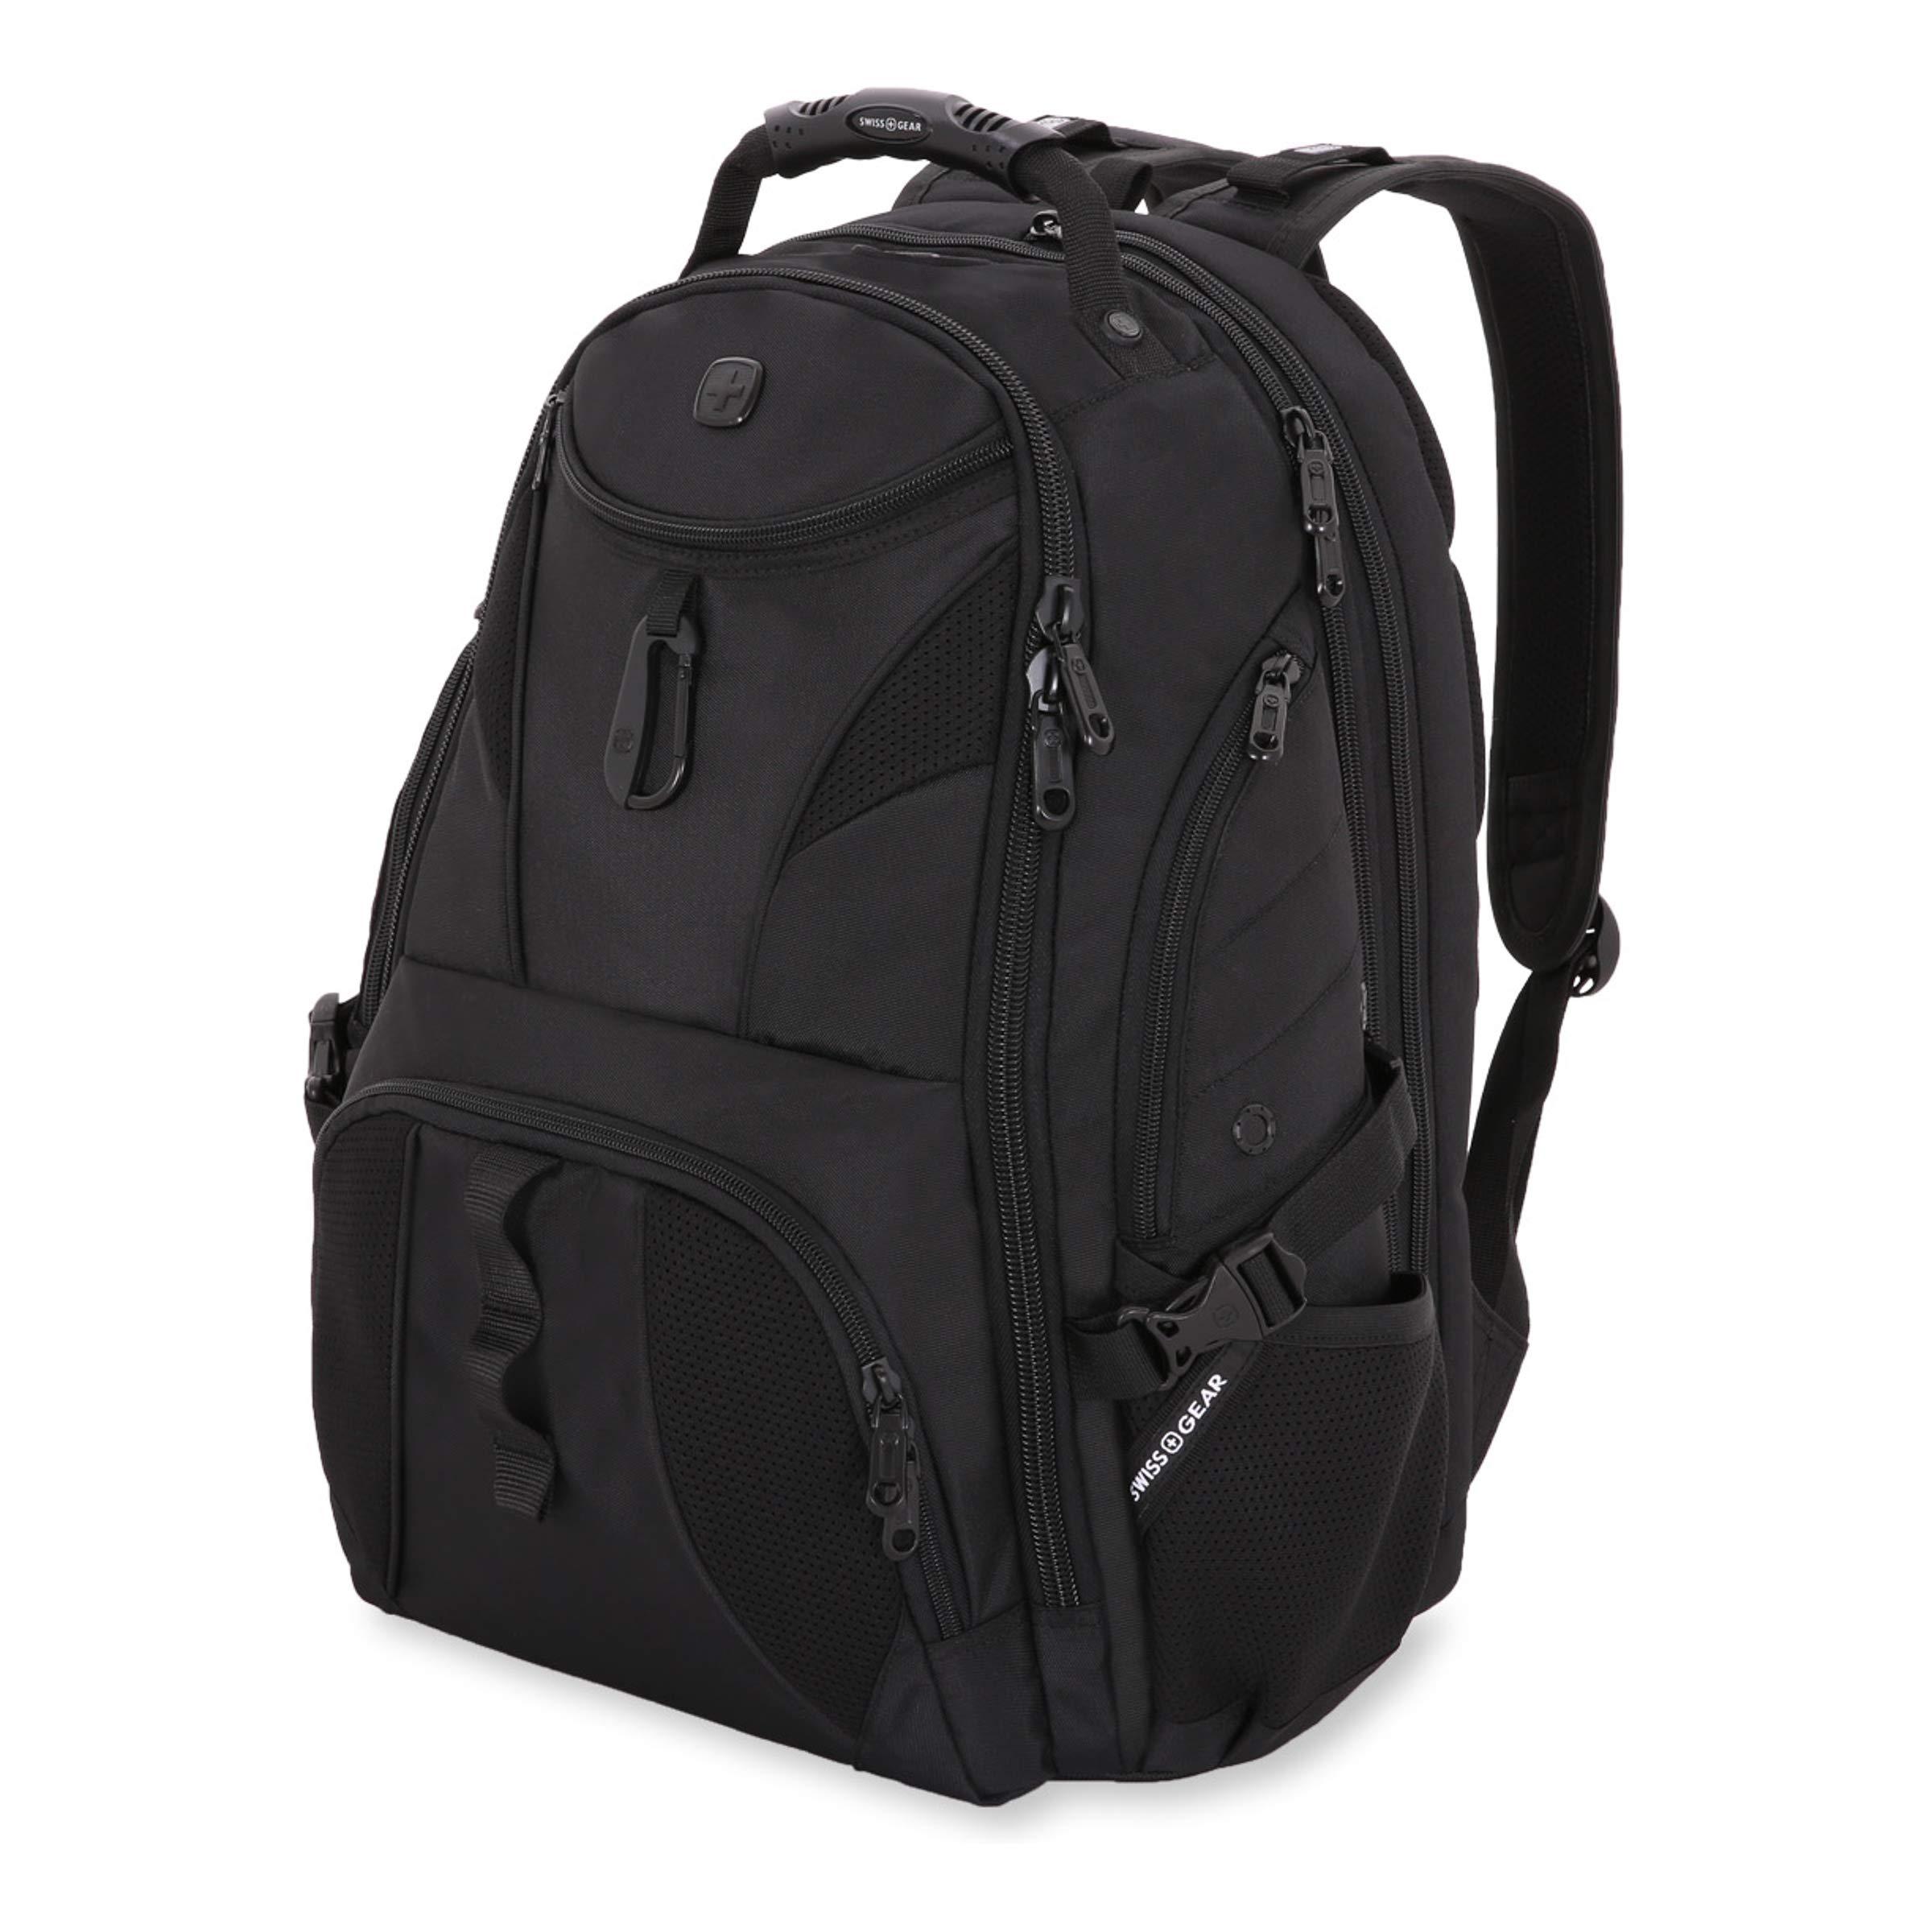 SWISSGEAR Travel Gear 1900 Scansmart TSA Laptop Backpack Black/Black by Swiss Gear